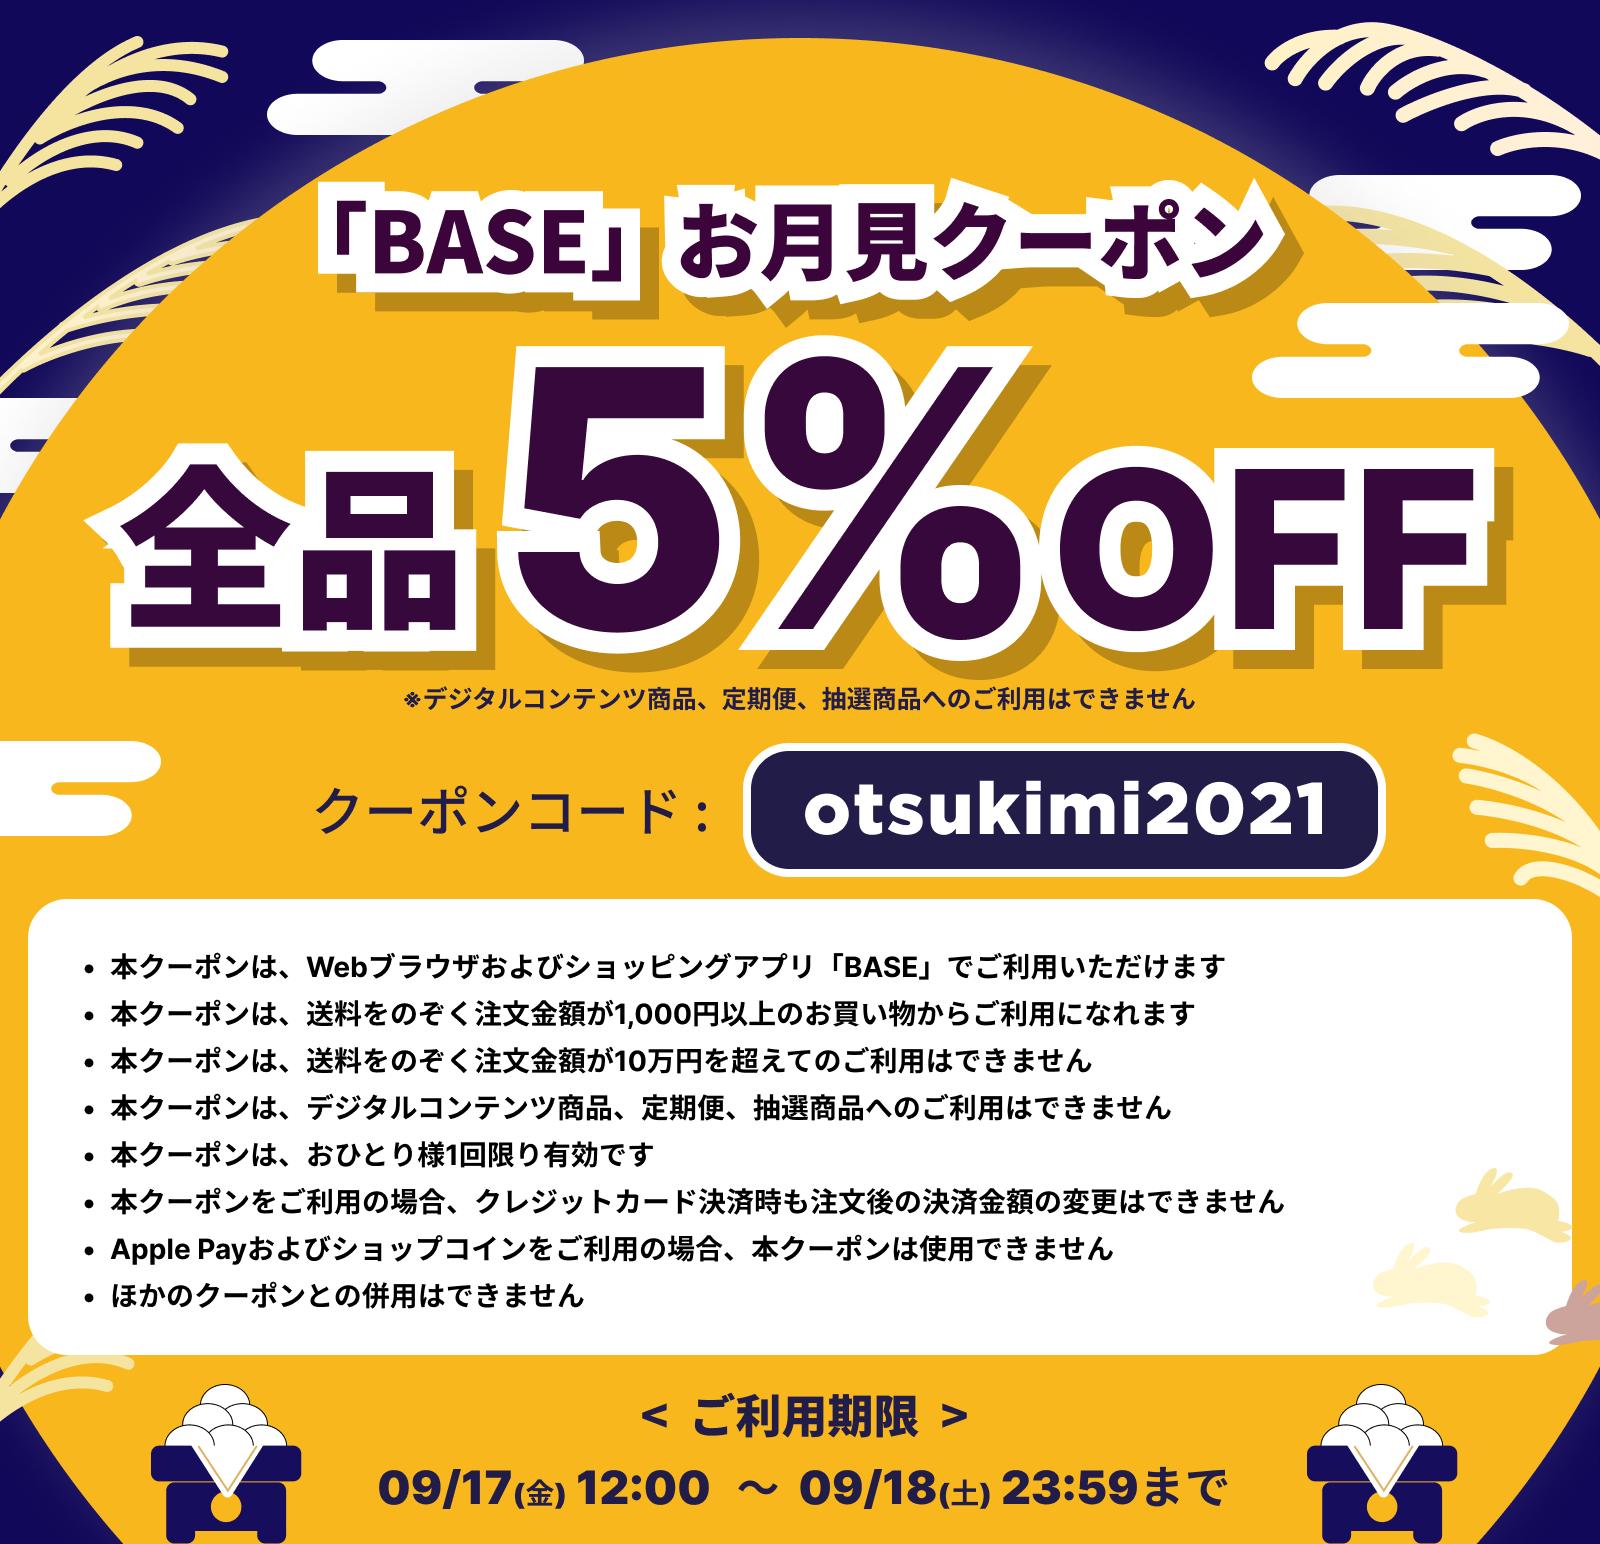 5%OFFクーポンご利用ください【9/17-9/18 期間限定】